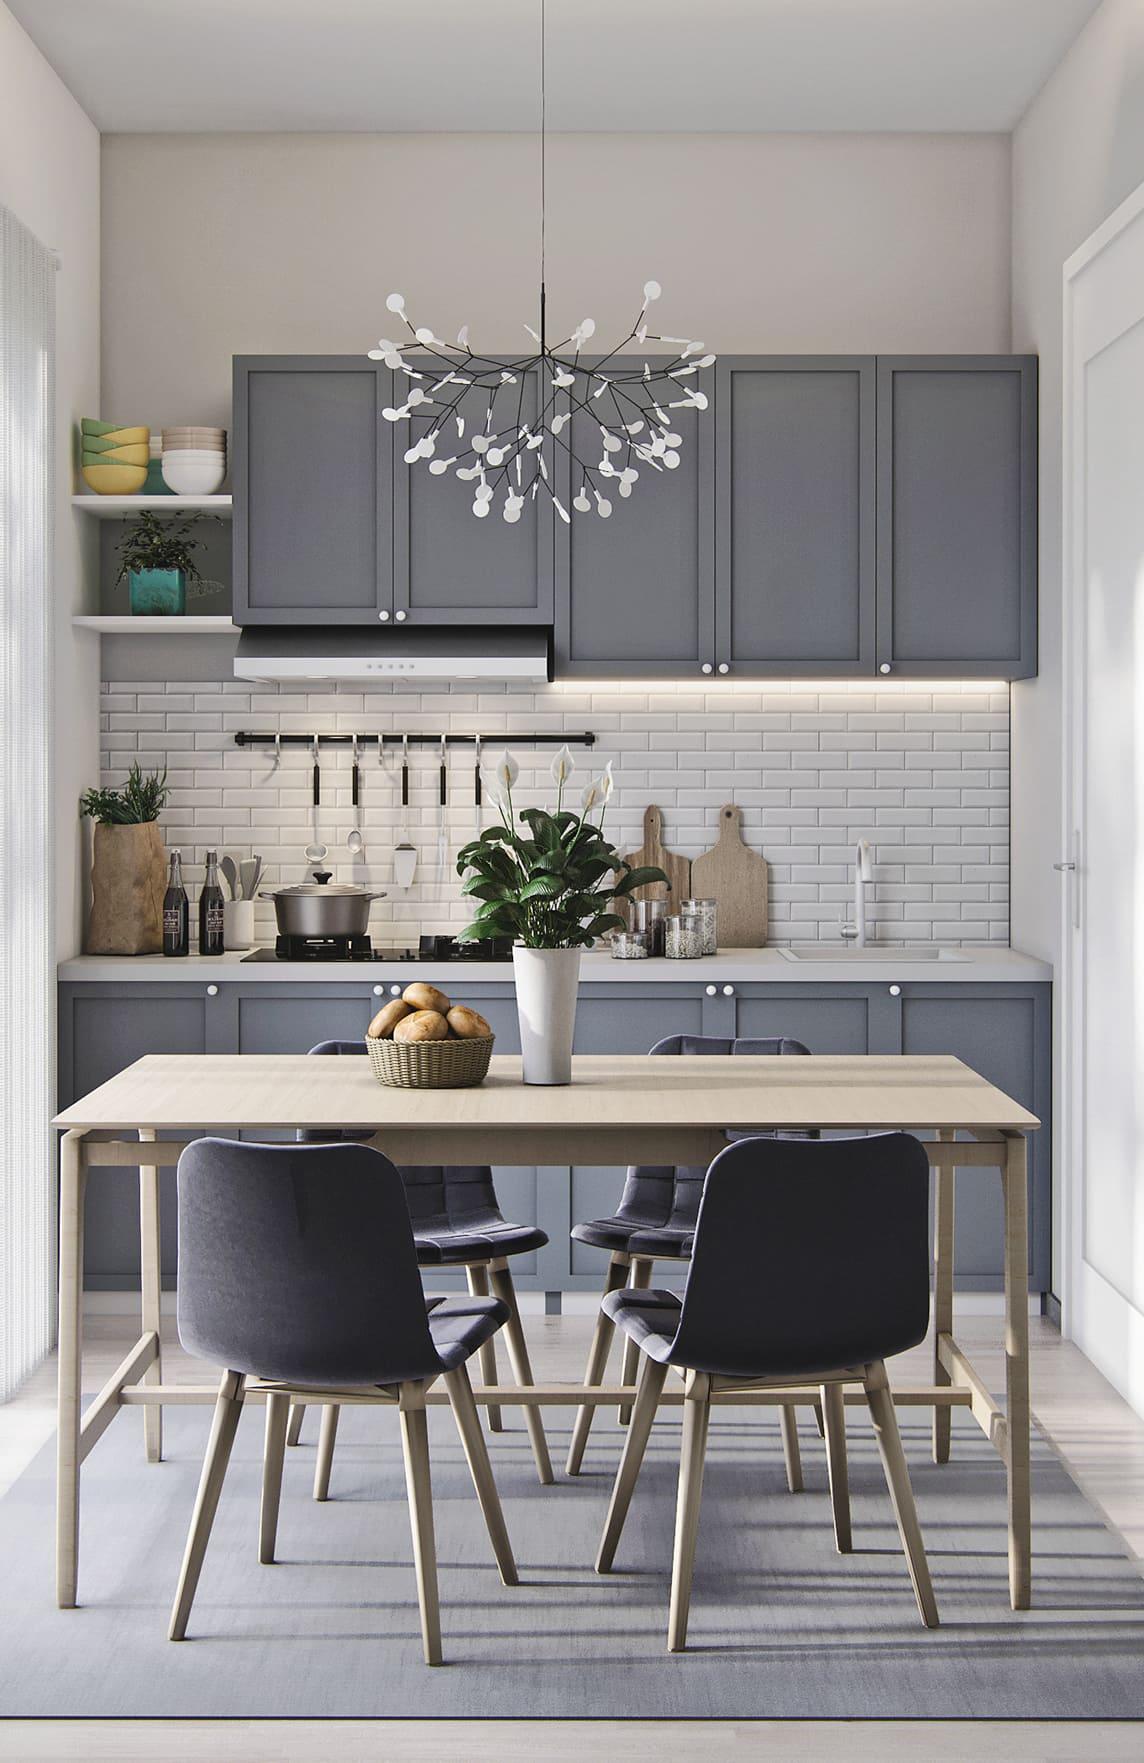 дизайн кухни в современном стиле фото 45